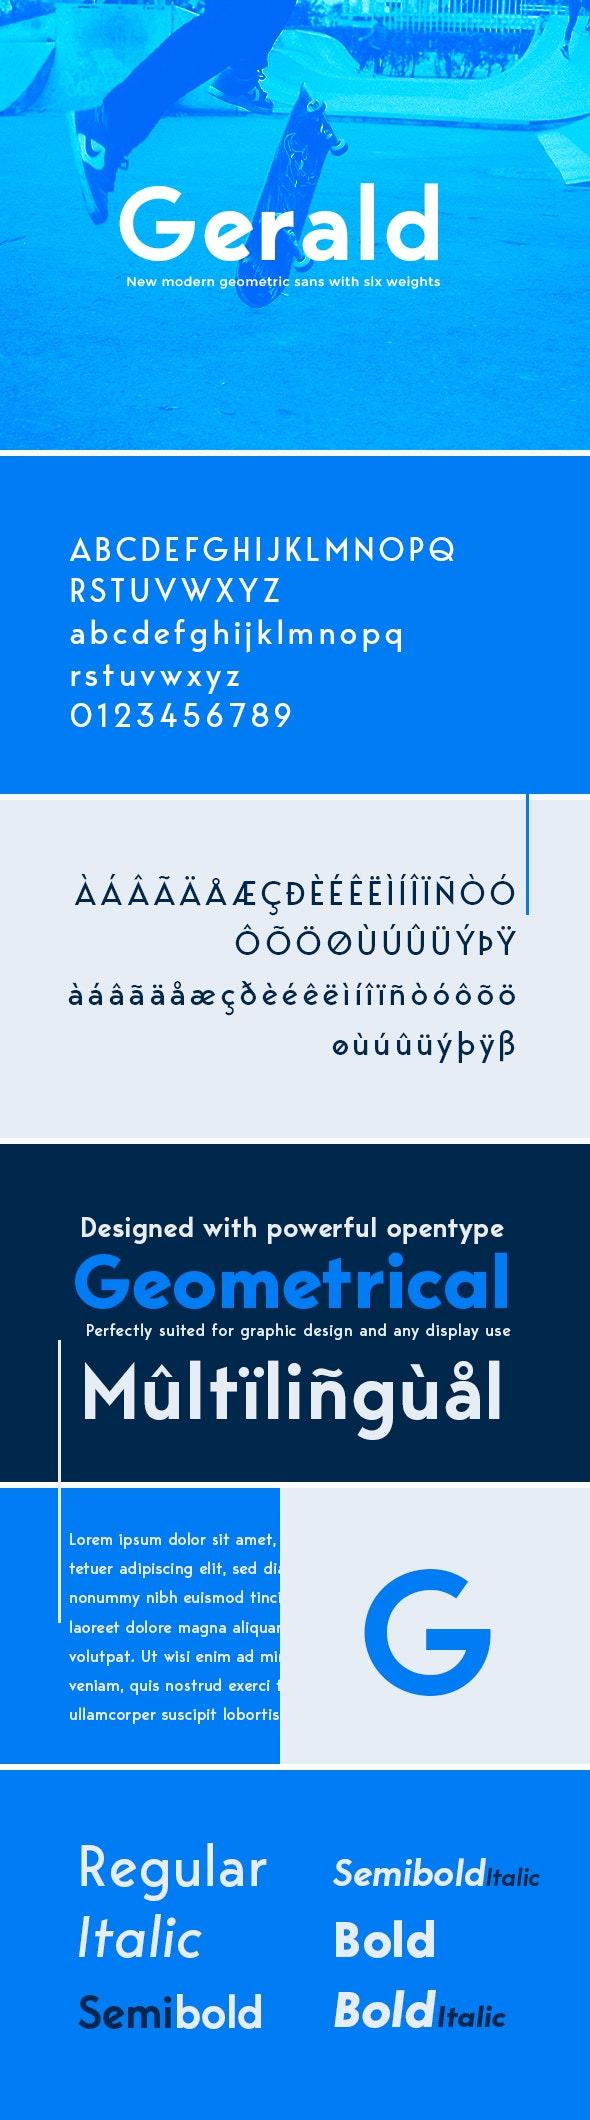 Gerald Sans Font - Geometric Modern Typeface - Sans-Serif Fonts